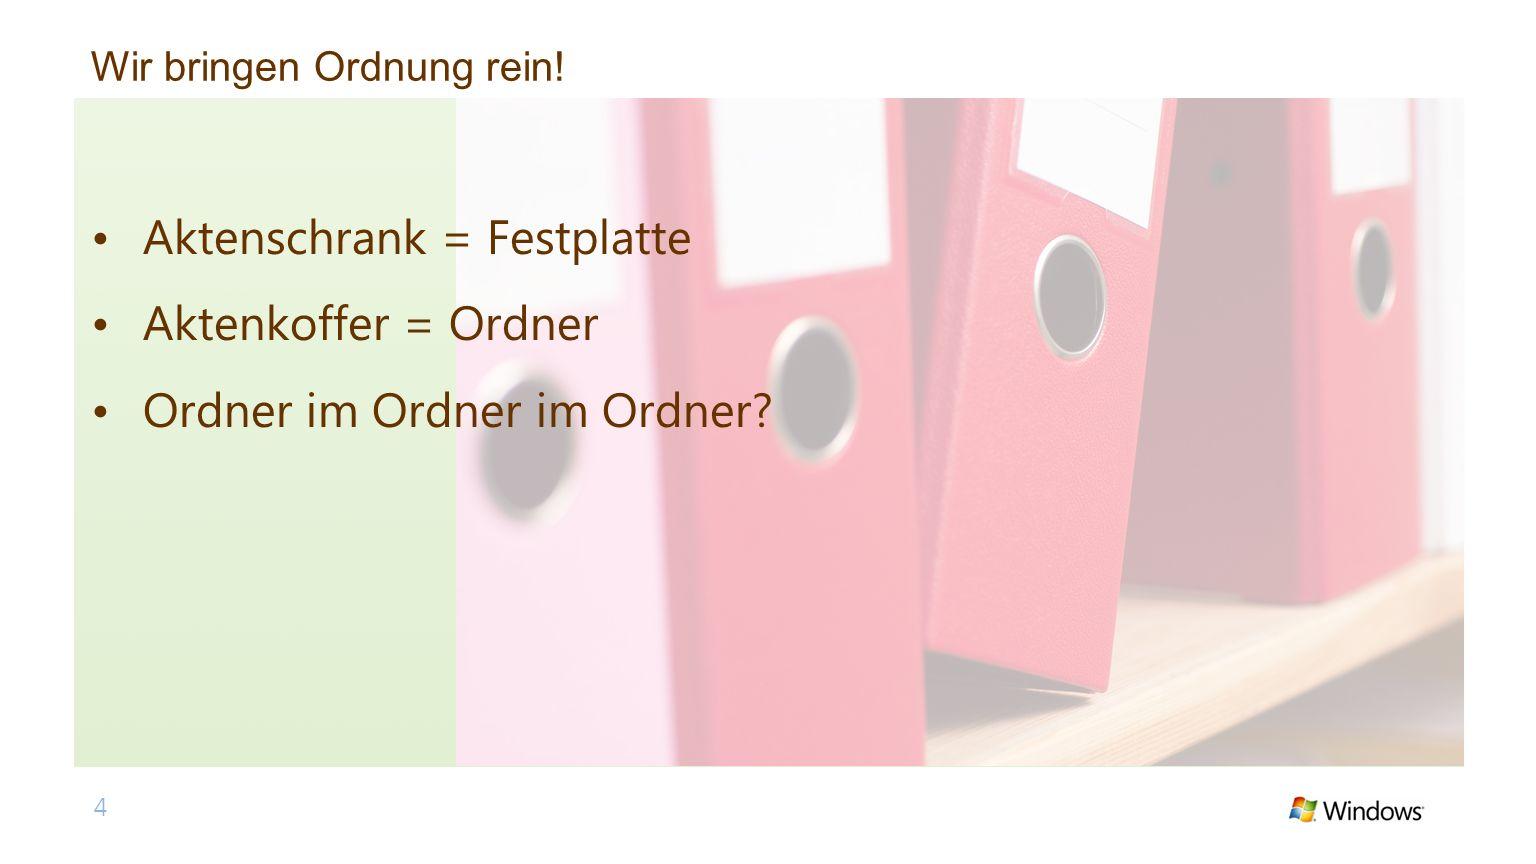 Wir bringen Ordnung rein! 4 Aktenschrank = Festplatte Aktenkoffer = Ordner Ordner im Ordner im Ordner?